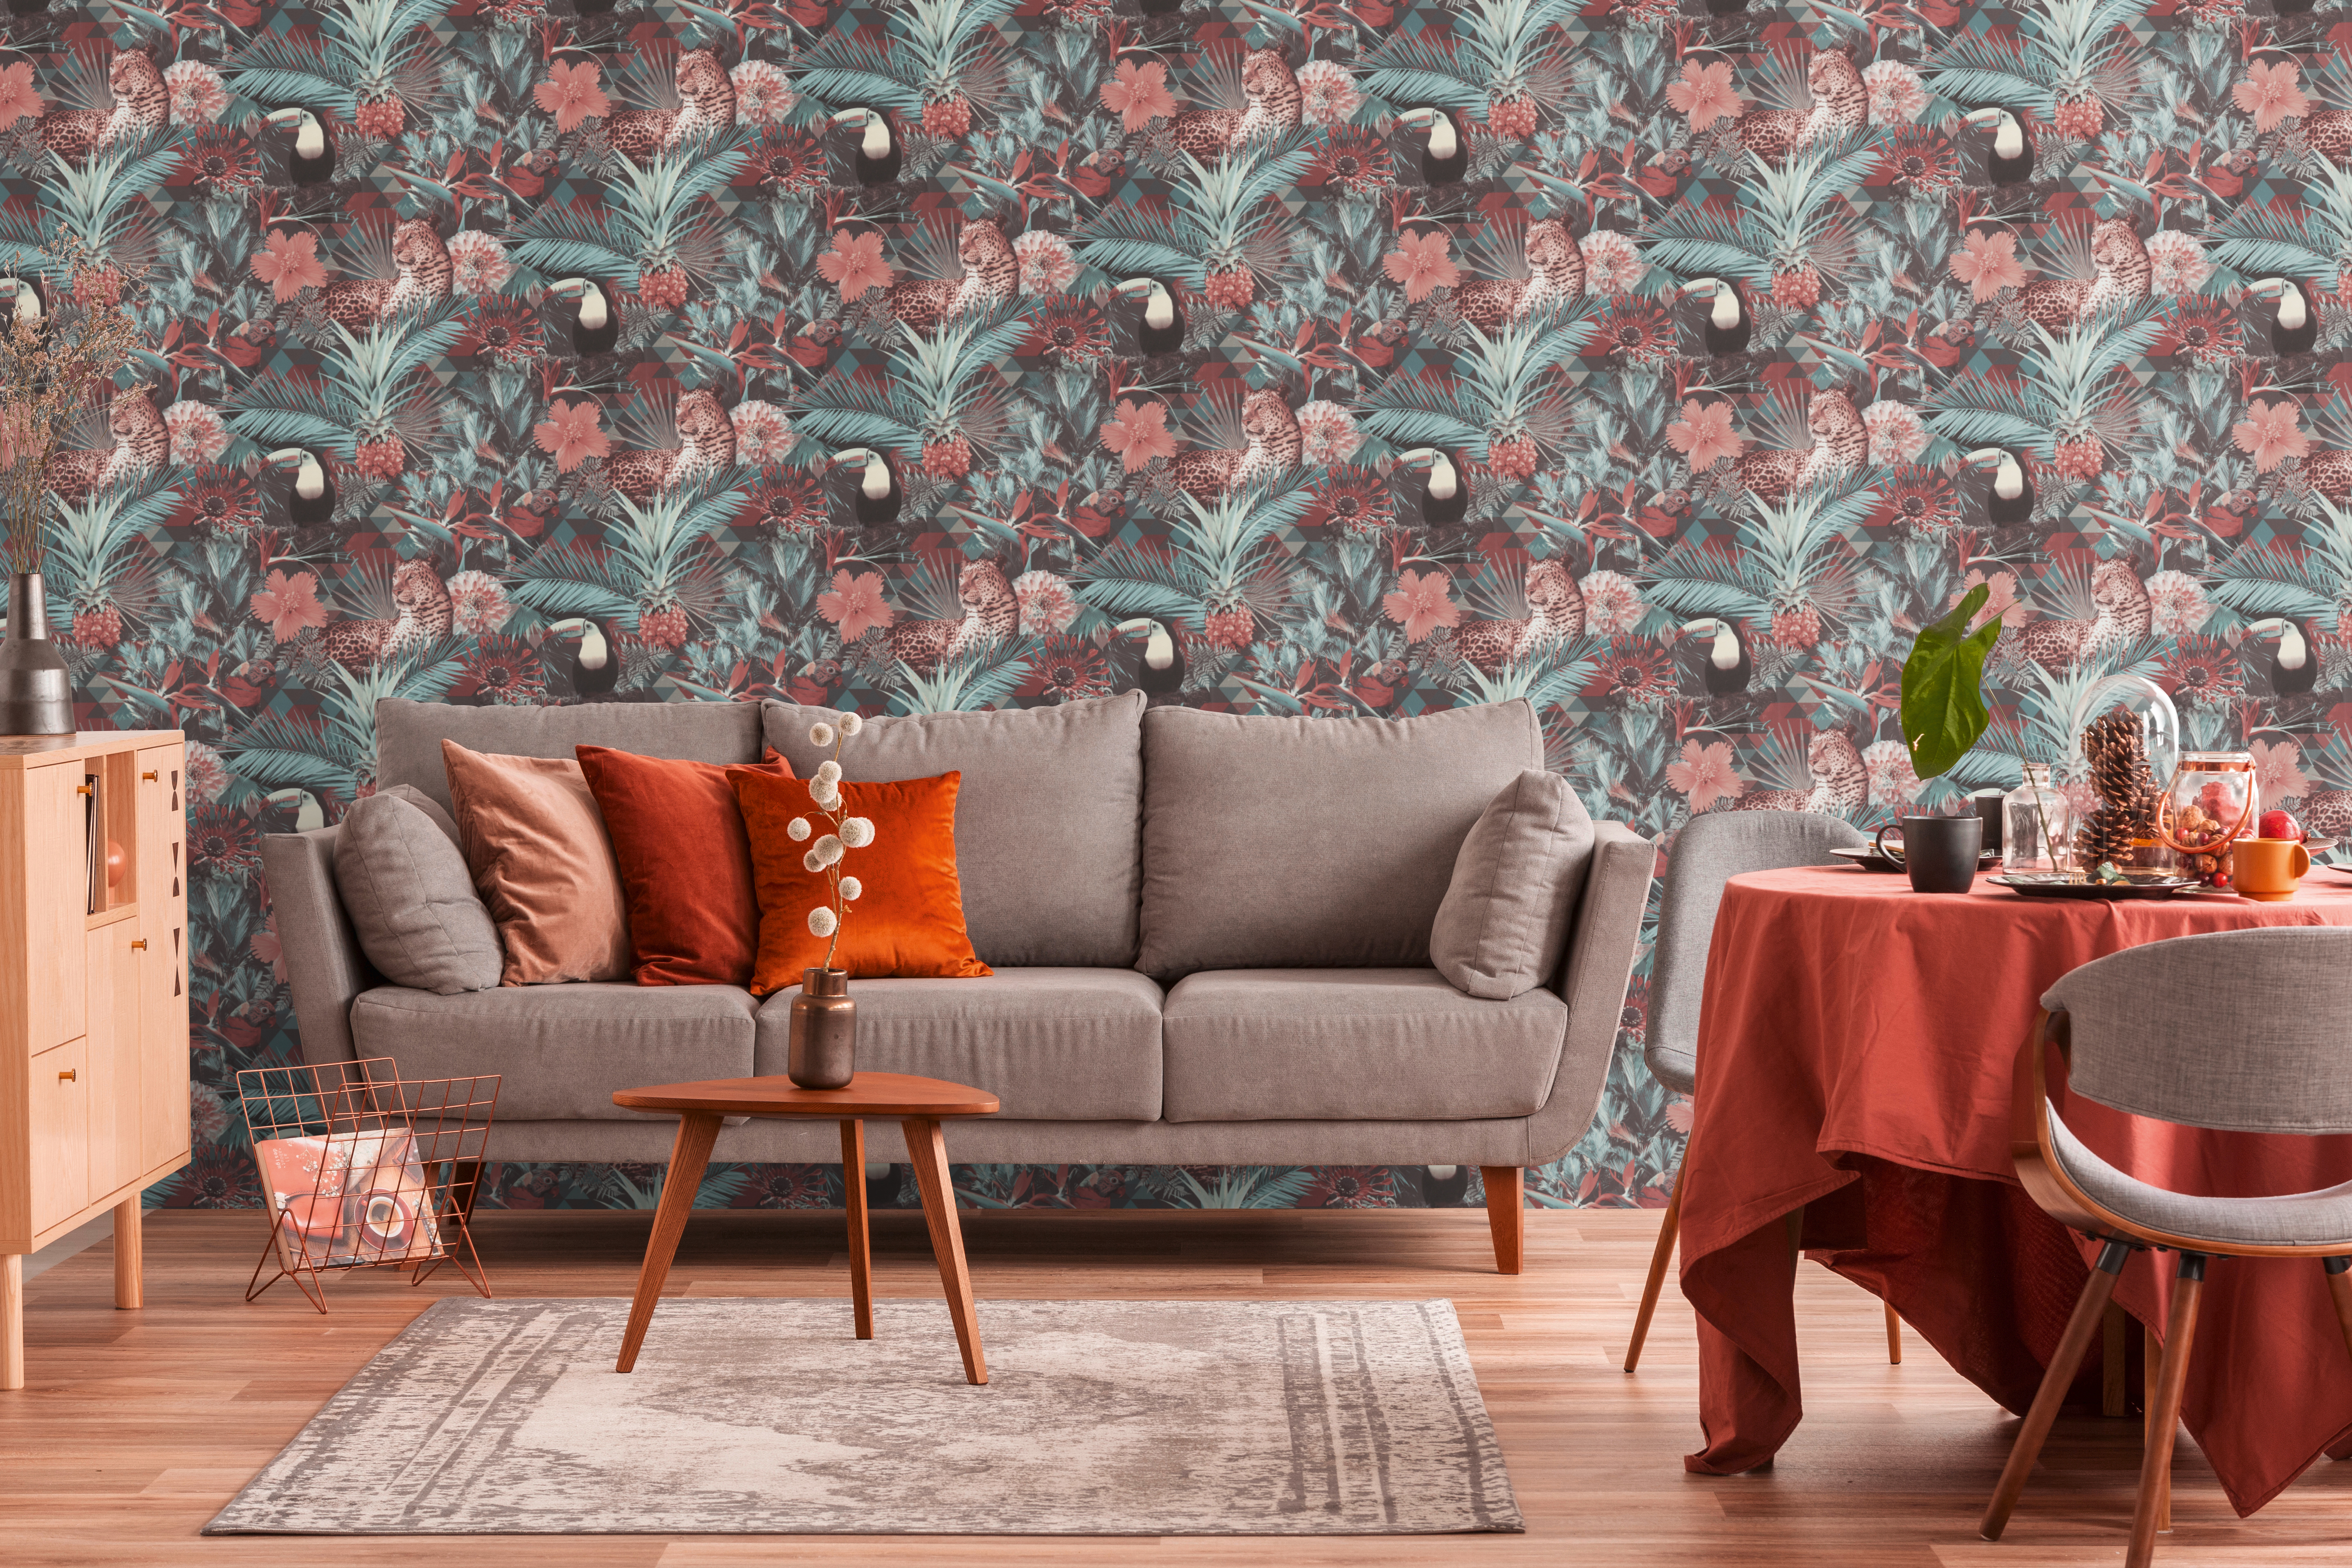 Wohnzimmer mit Sofa und Vliestapete mit Dschungelmotiv in Blau und Coralle